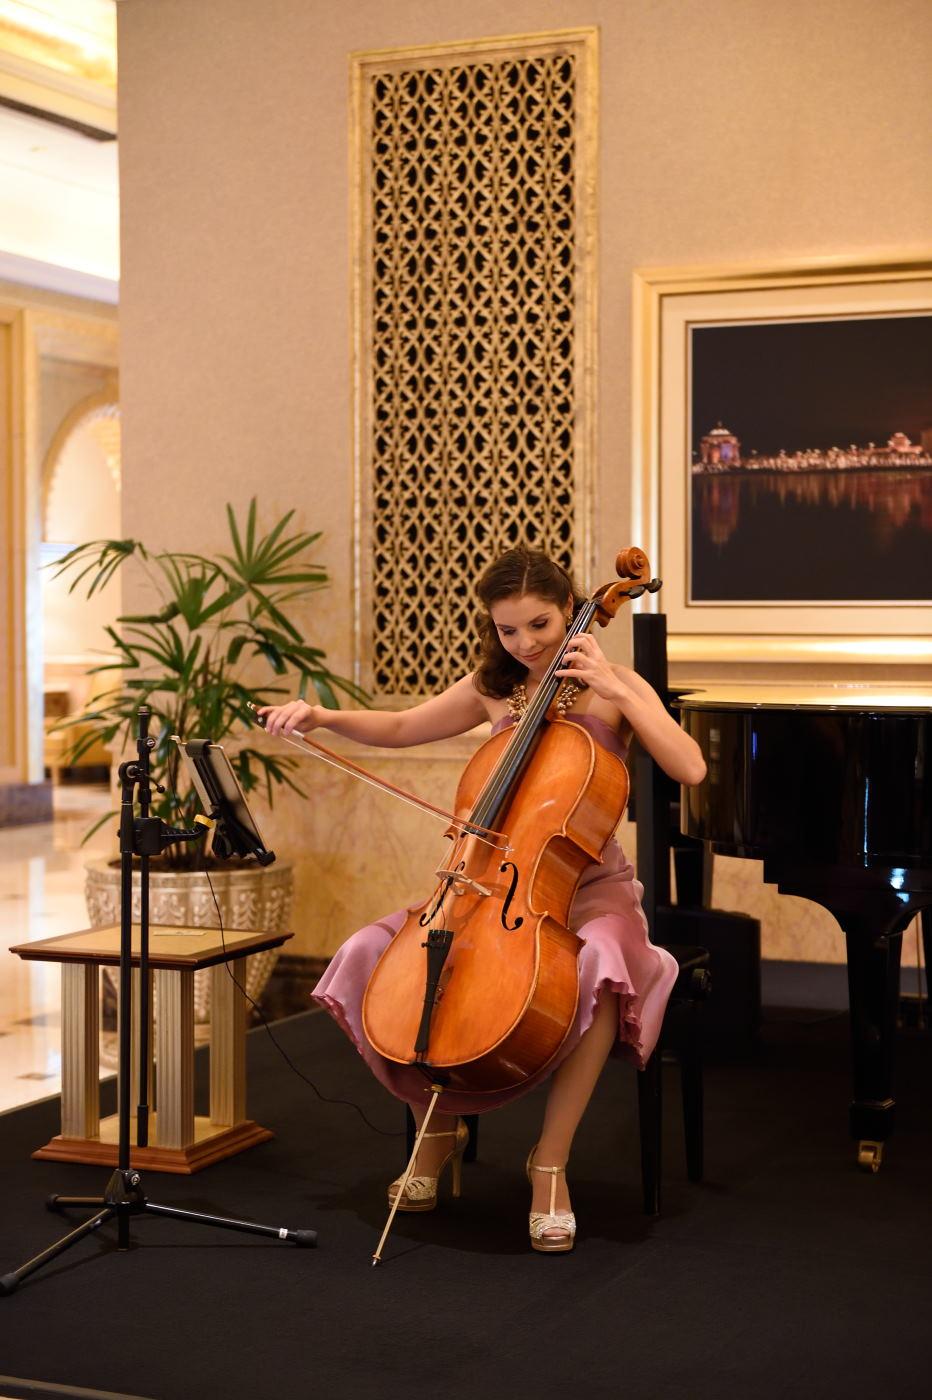 Фотография 3. Виолончелистка в отеле Emirates Palace Hotel. Пример съемки на Nikon D3s и объектив Nikon 24-70mm f/2.8. Настройки: 1/60, 2.8, 360, 60.